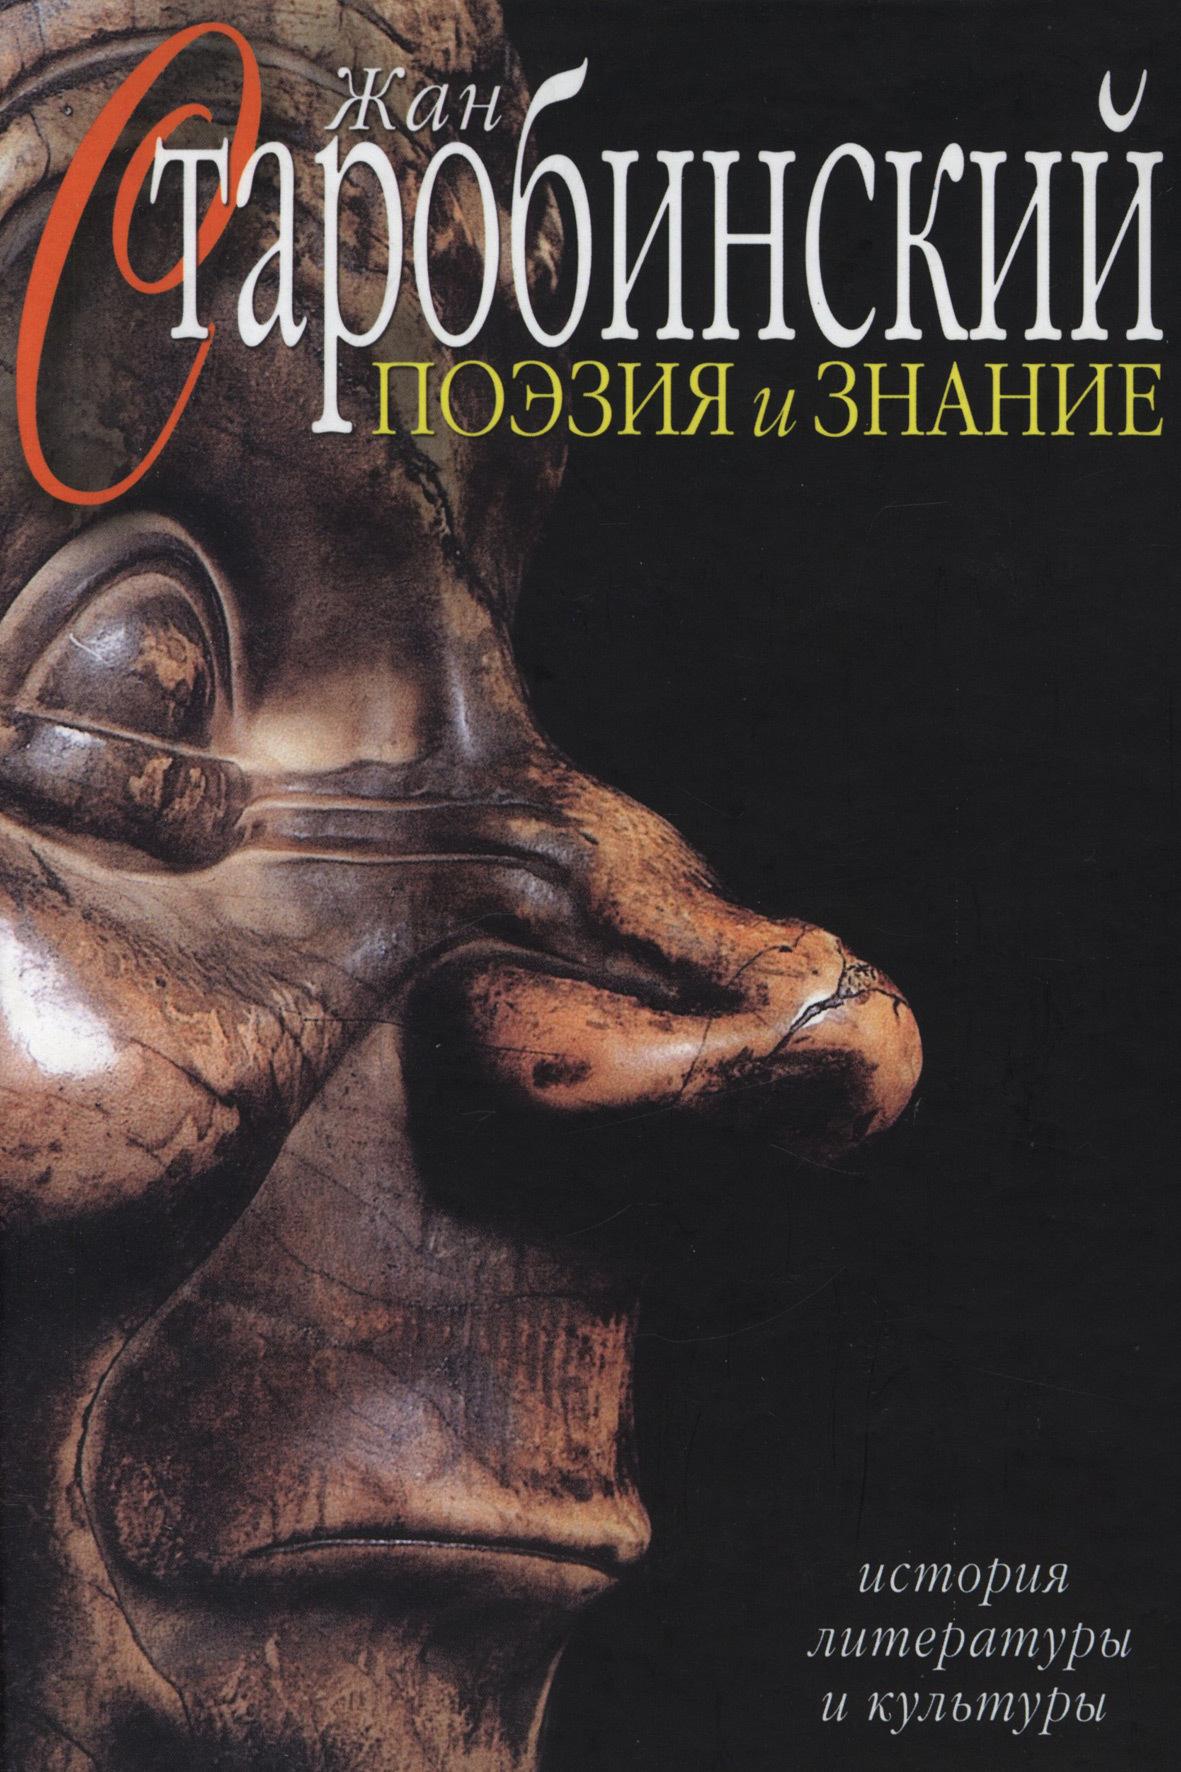 Жан Старобинский. Поэзия и знание. История литературы и культуры. Том 2